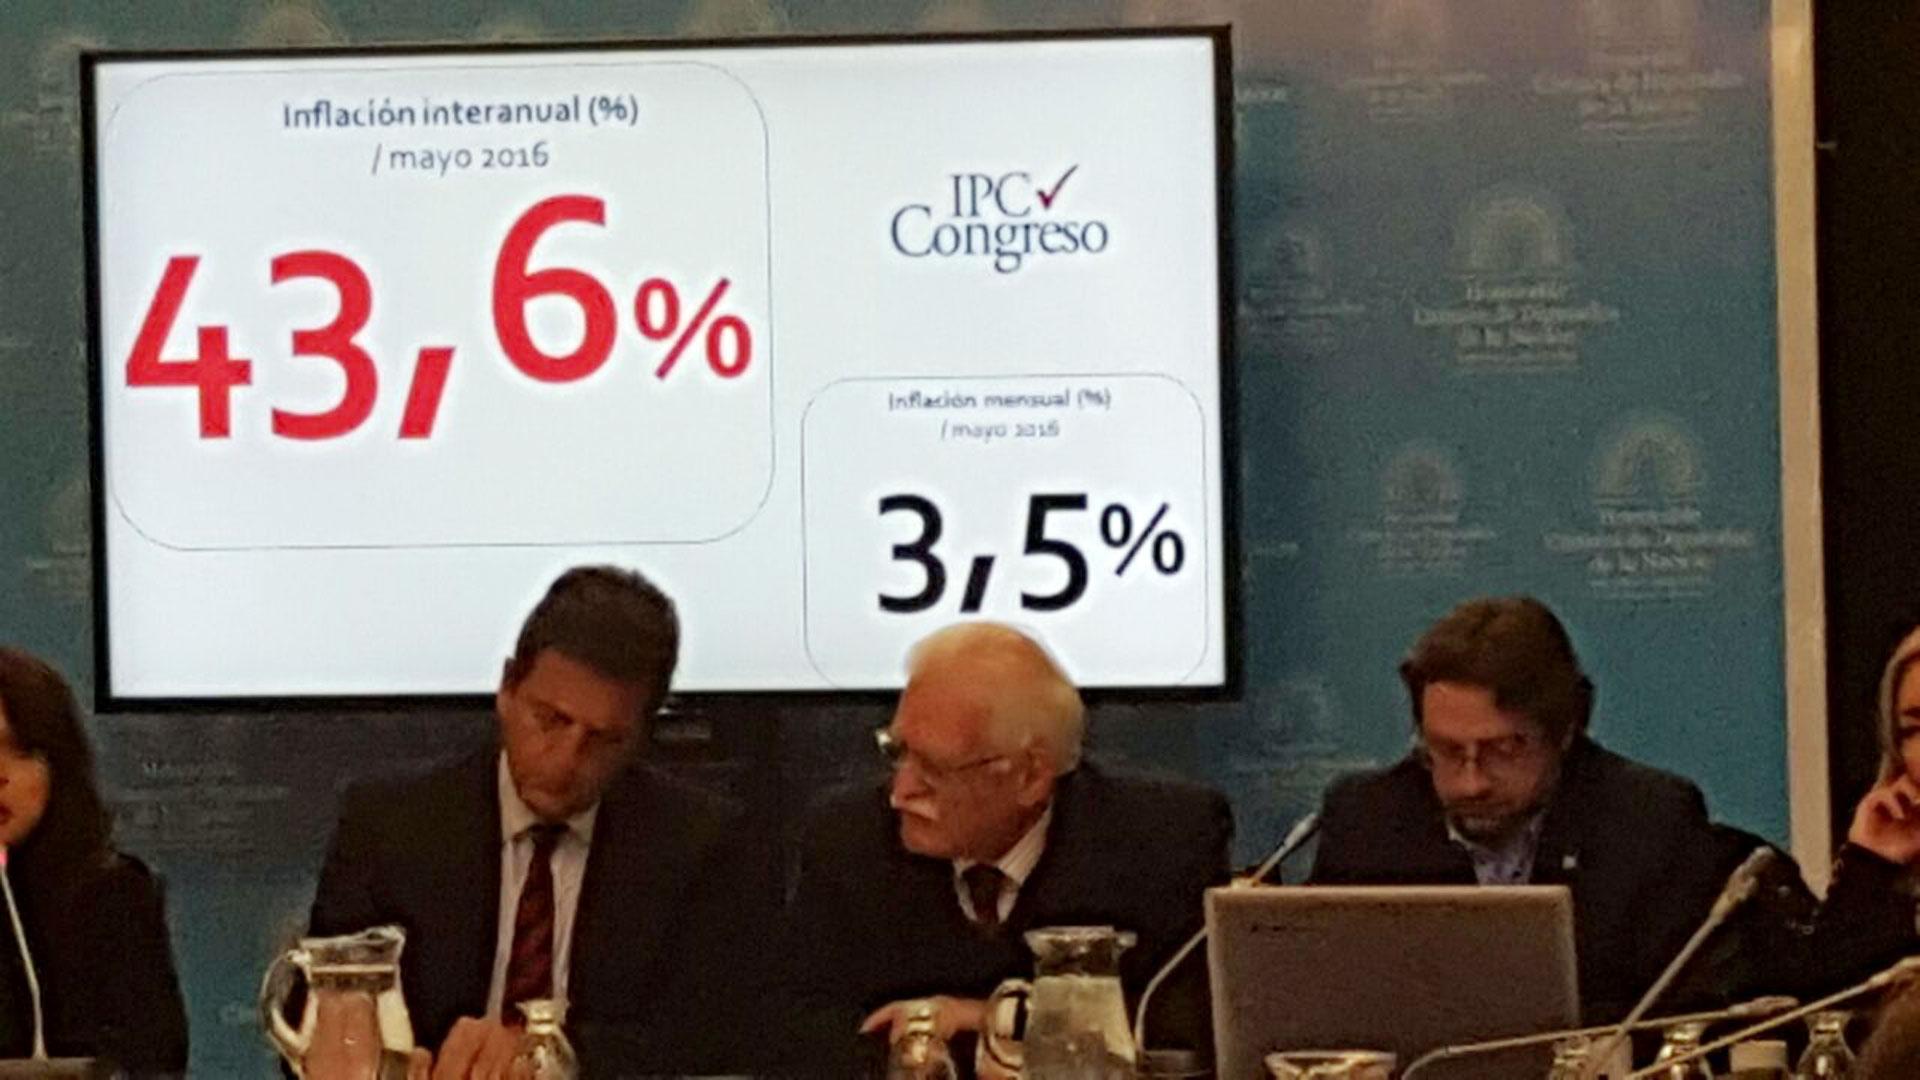 La tasa de inflación de mayo desaceleró a 3,5% en el mes, pero se intensificó a 43,6% en un año (@AldoPignanelli1)